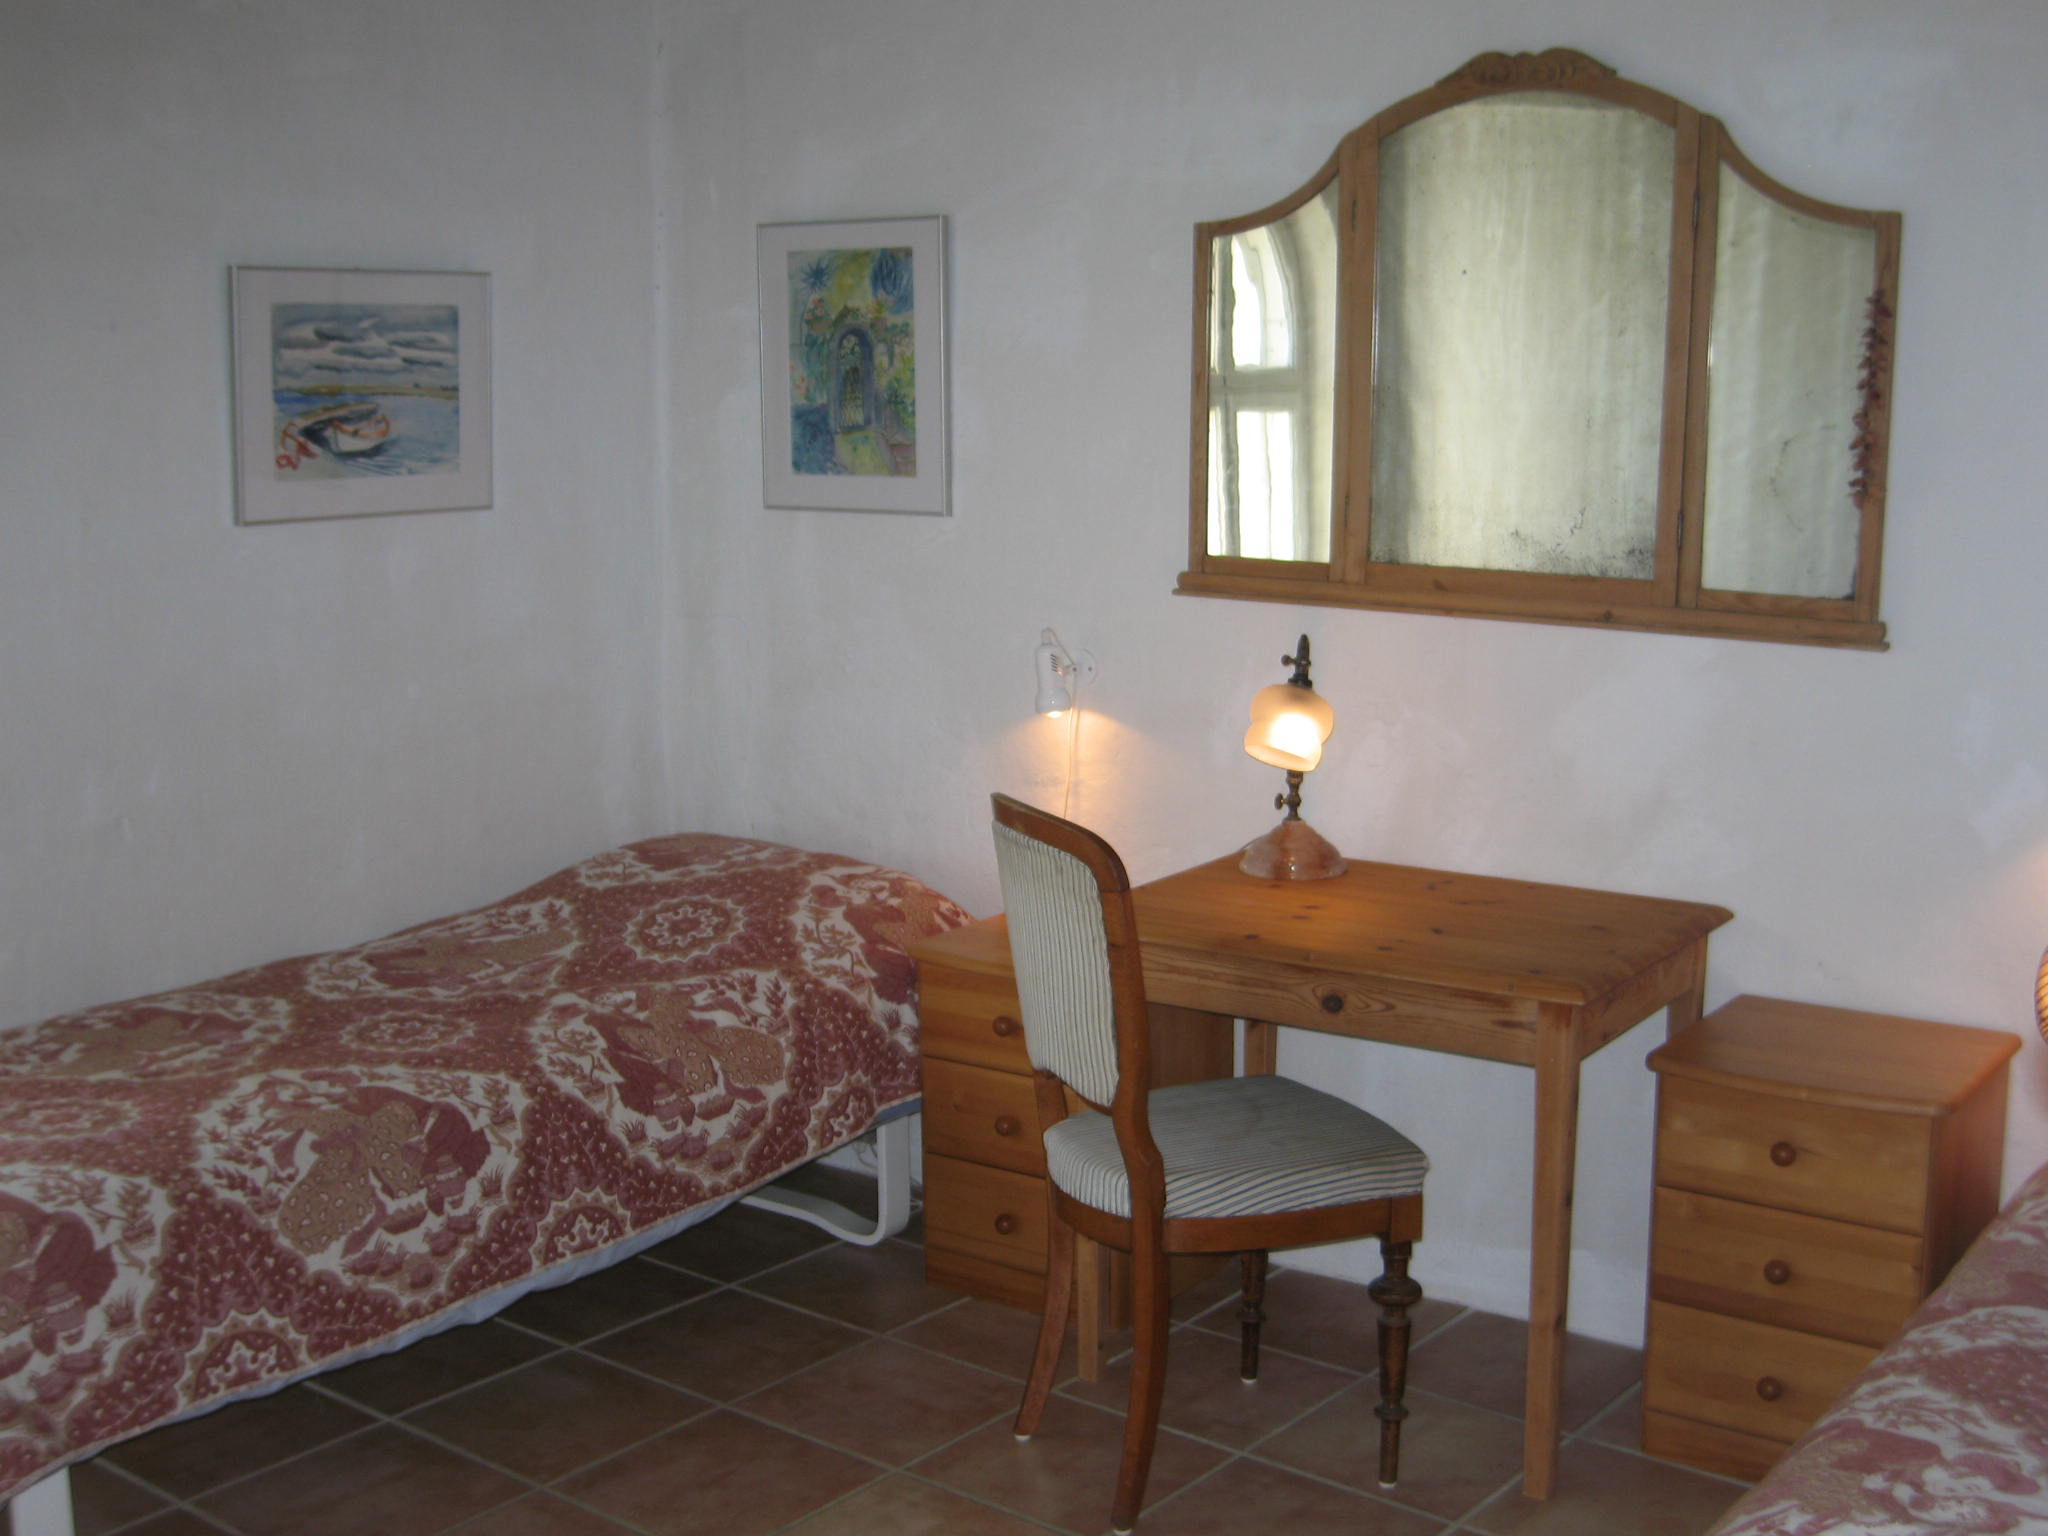 værelse nr 2